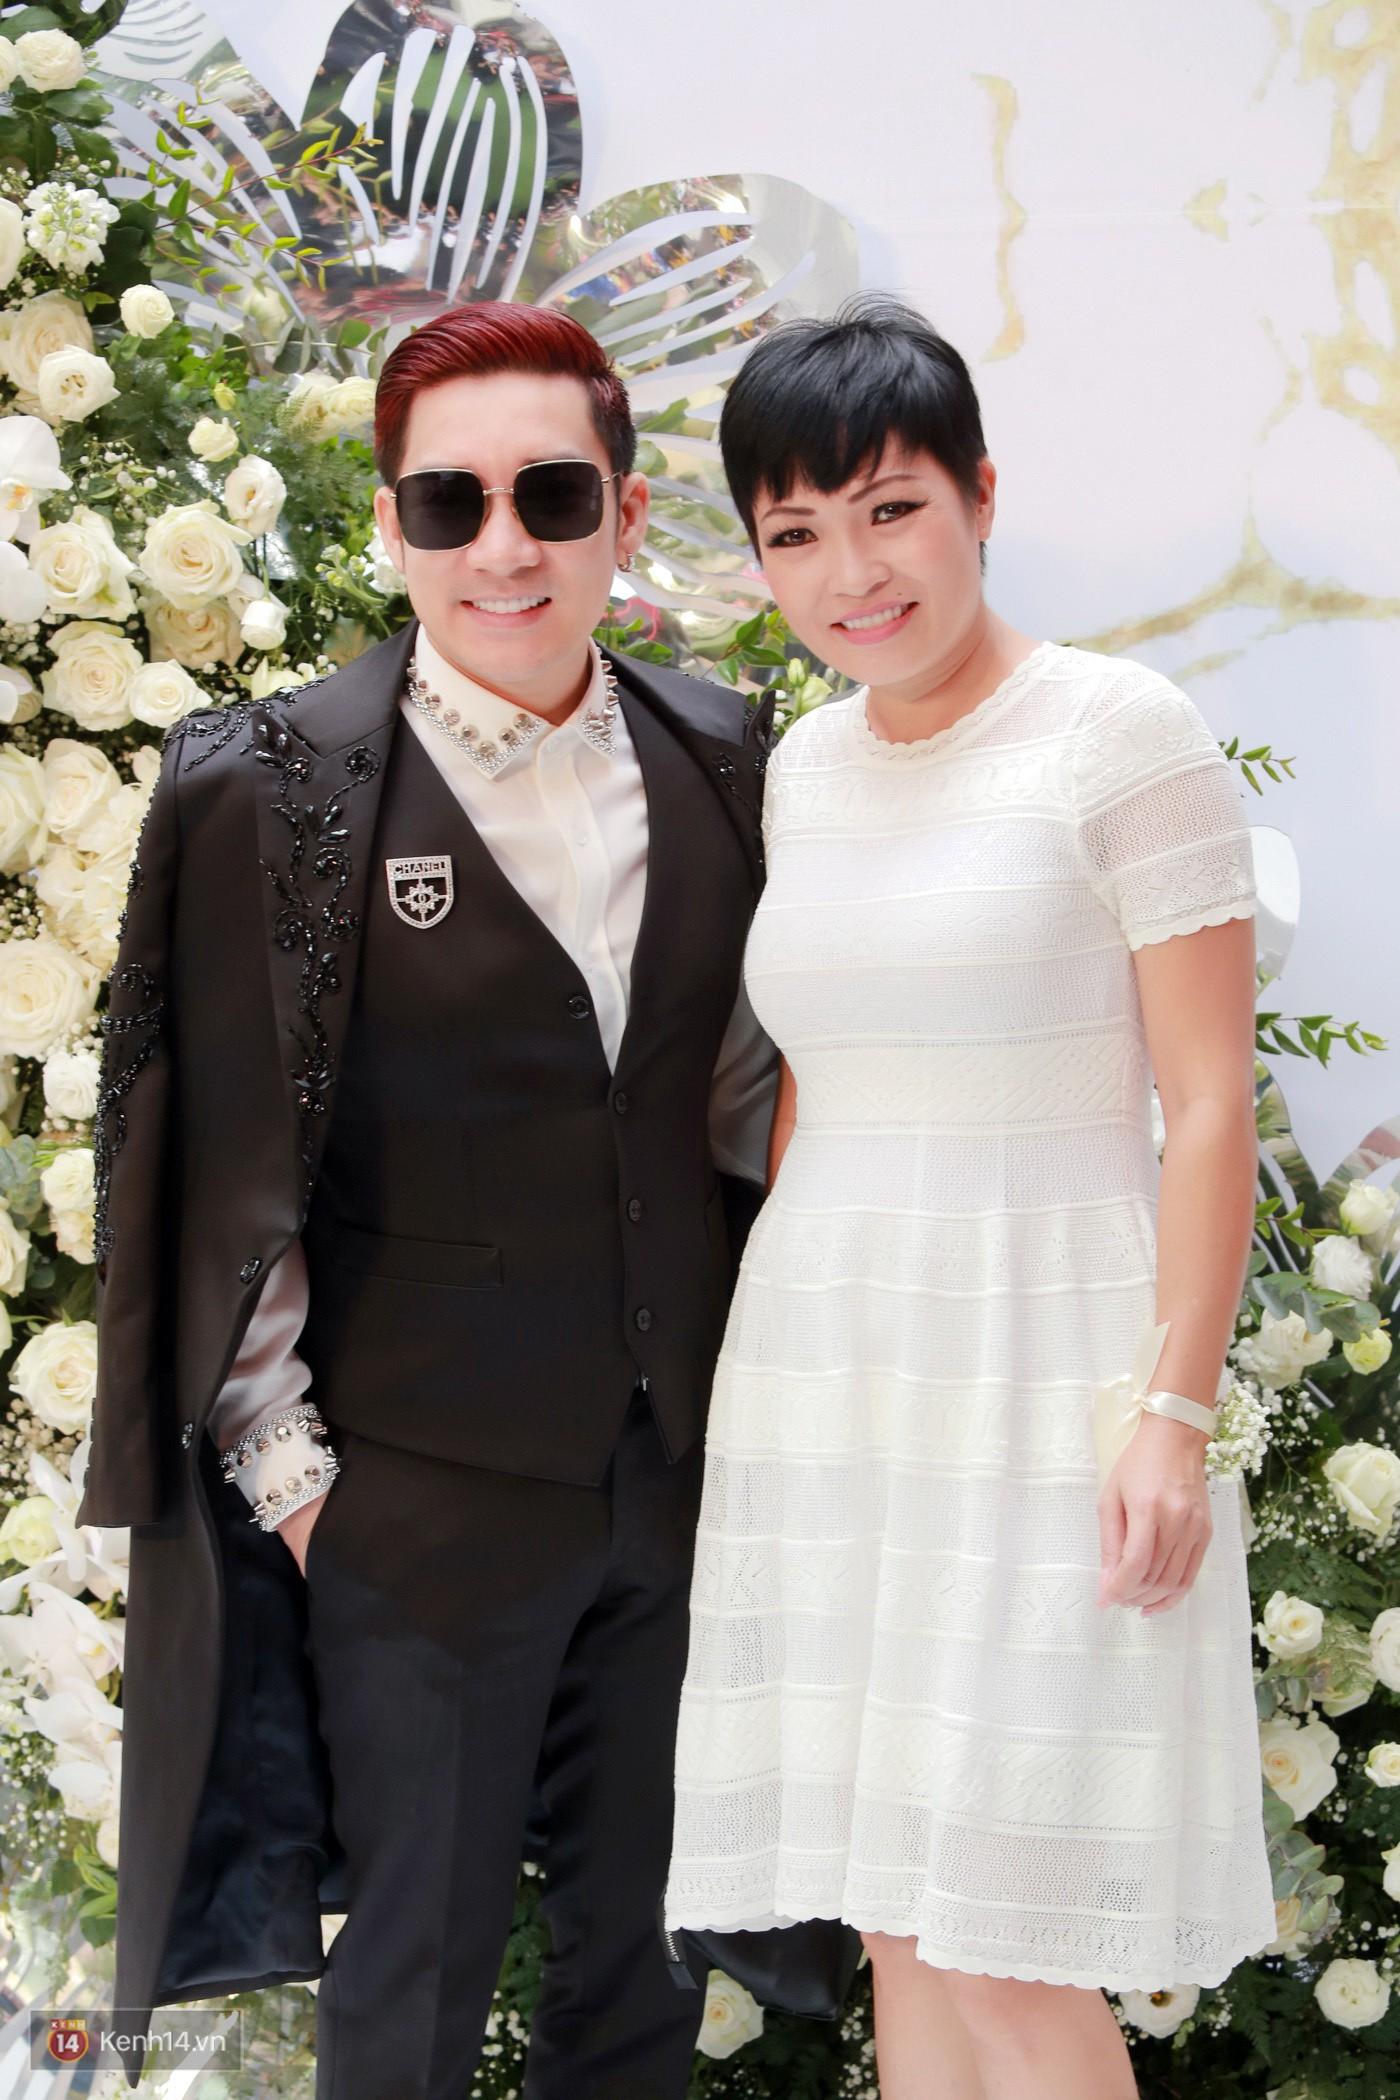 Sơn Tùng và Soobin Hoàng Sơn gây thích thú khi xuất hiện như anh em sinh đôi tại sự kiện - Ảnh 12.